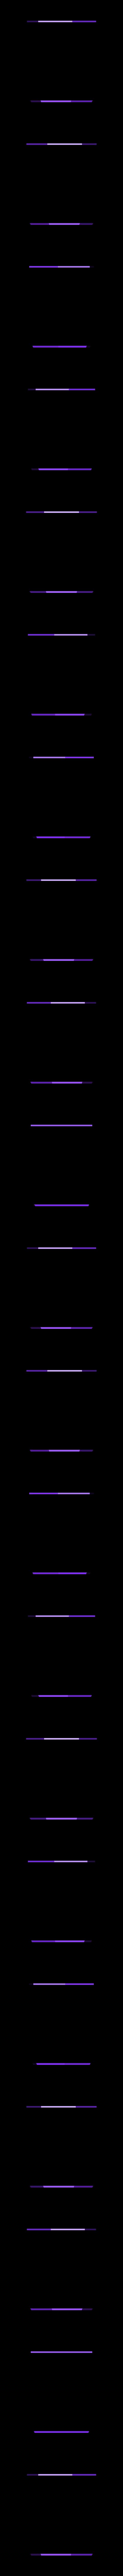 V10planter_trim.STL Télécharger fichier STL gratuit Planteur auto-arrosage multi-couleurs • Objet à imprimer en 3D, MosaicManufacturing